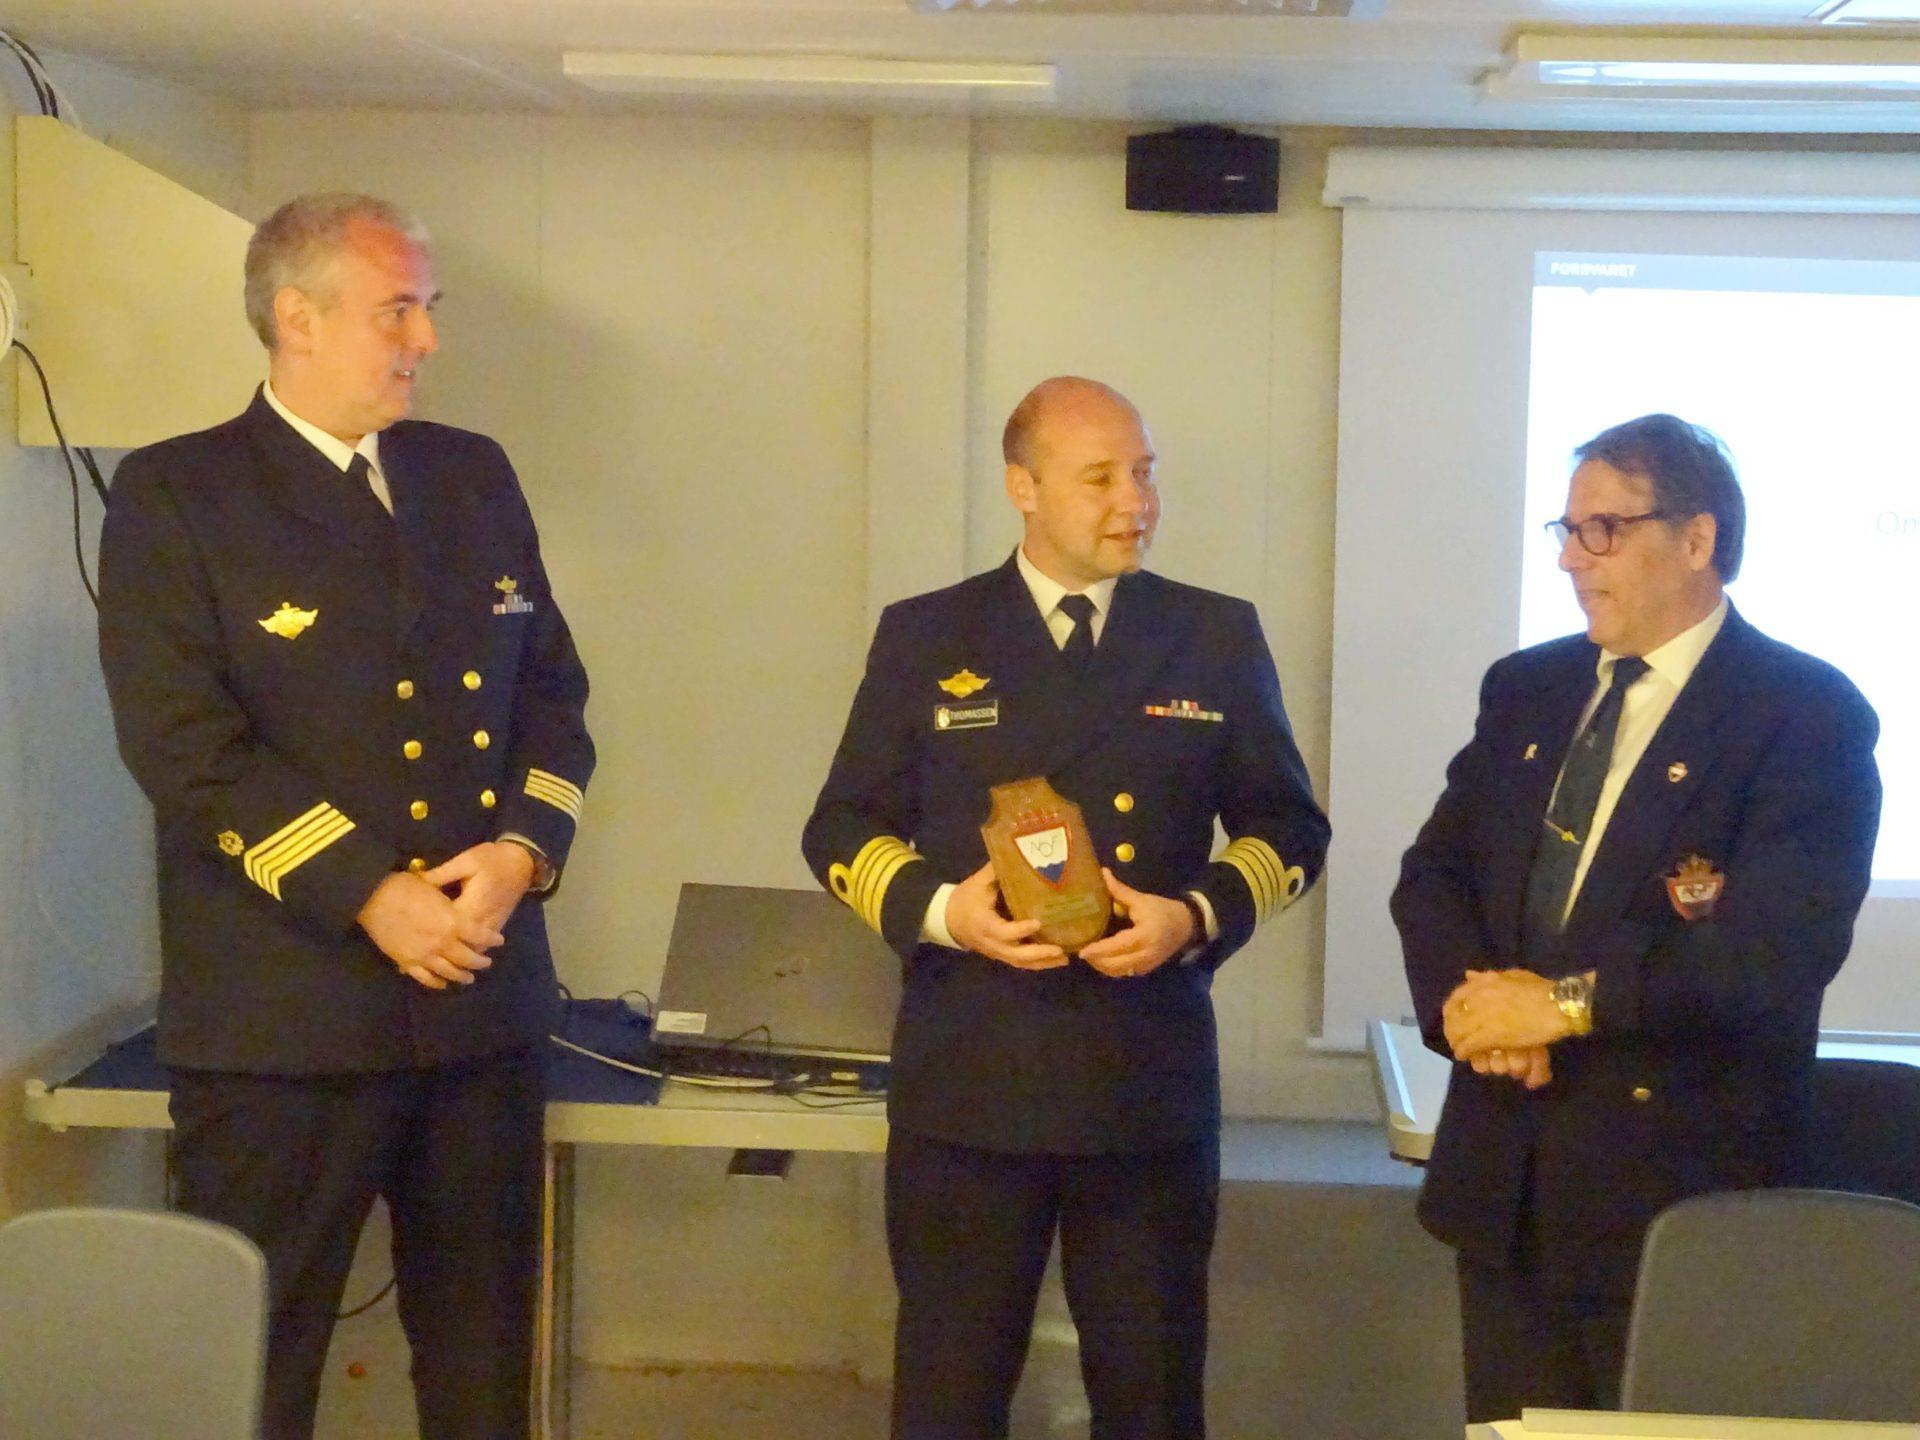 Svein og skipsjef på Fregatten Thor Heyerdal